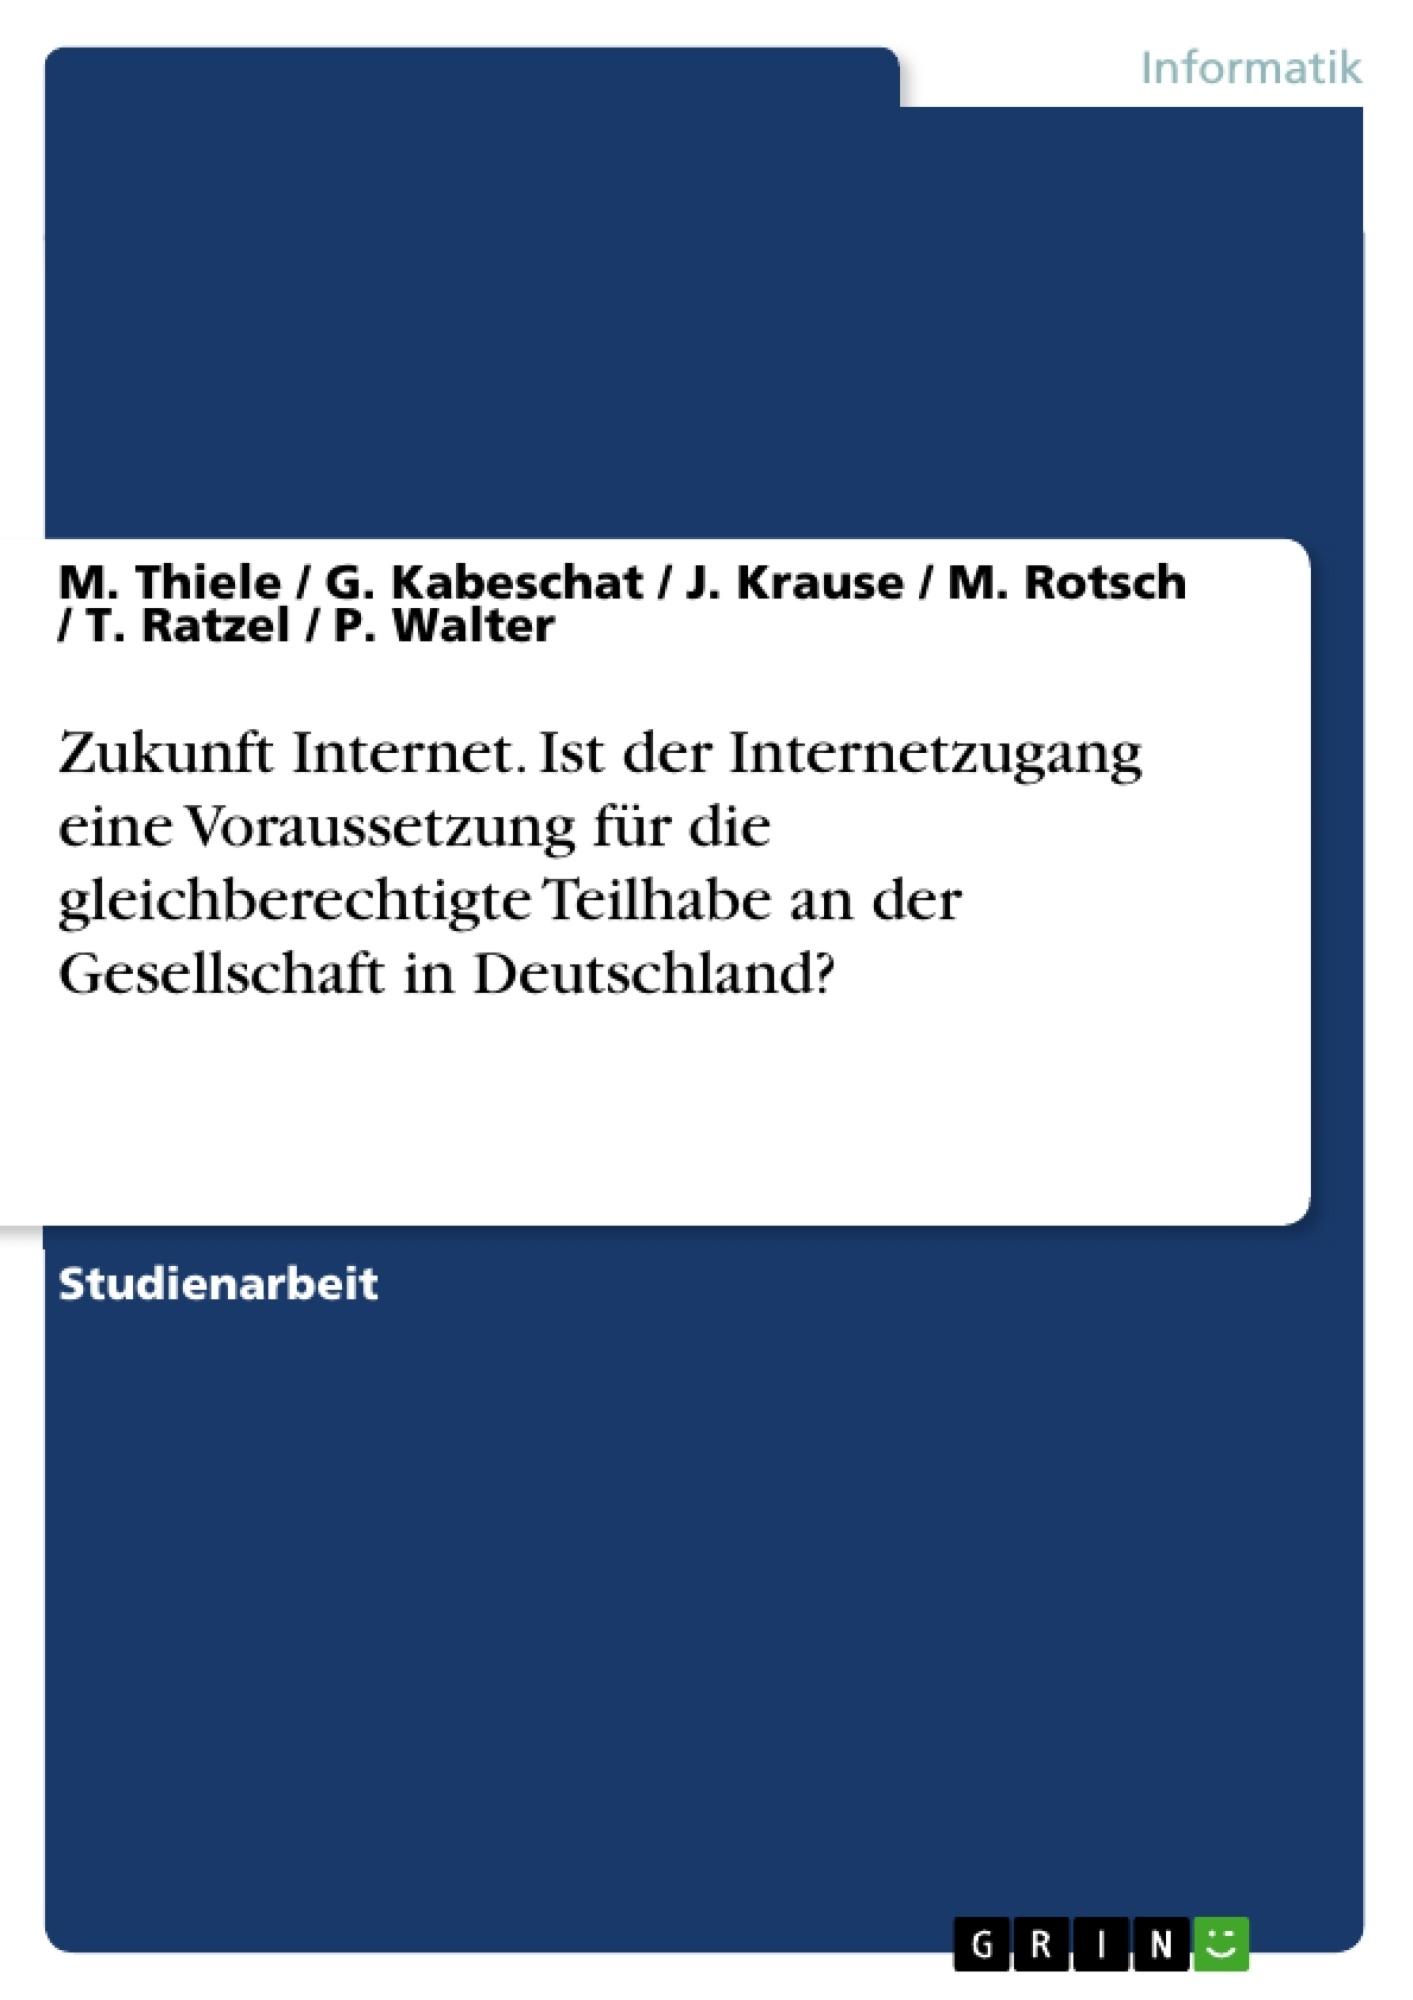 Titel: Zukunft Internet. Ist der Internetzugang eine  Voraussetzung für die gleichberechtigte Teilhabe an der Gesellschaft in Deutschland?